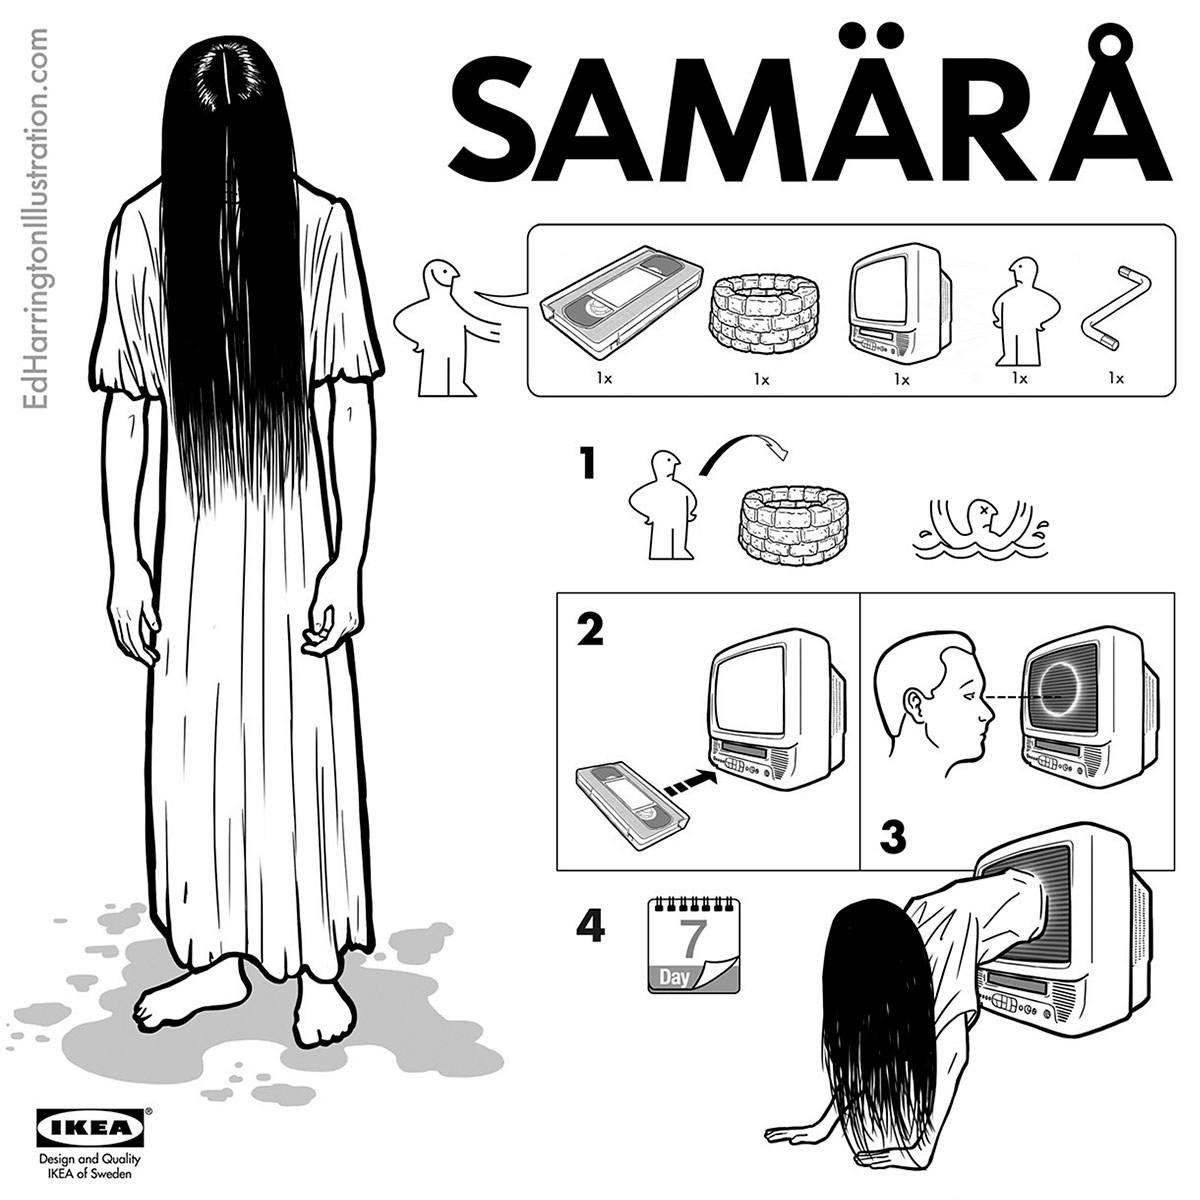 Samara IKEA Effect